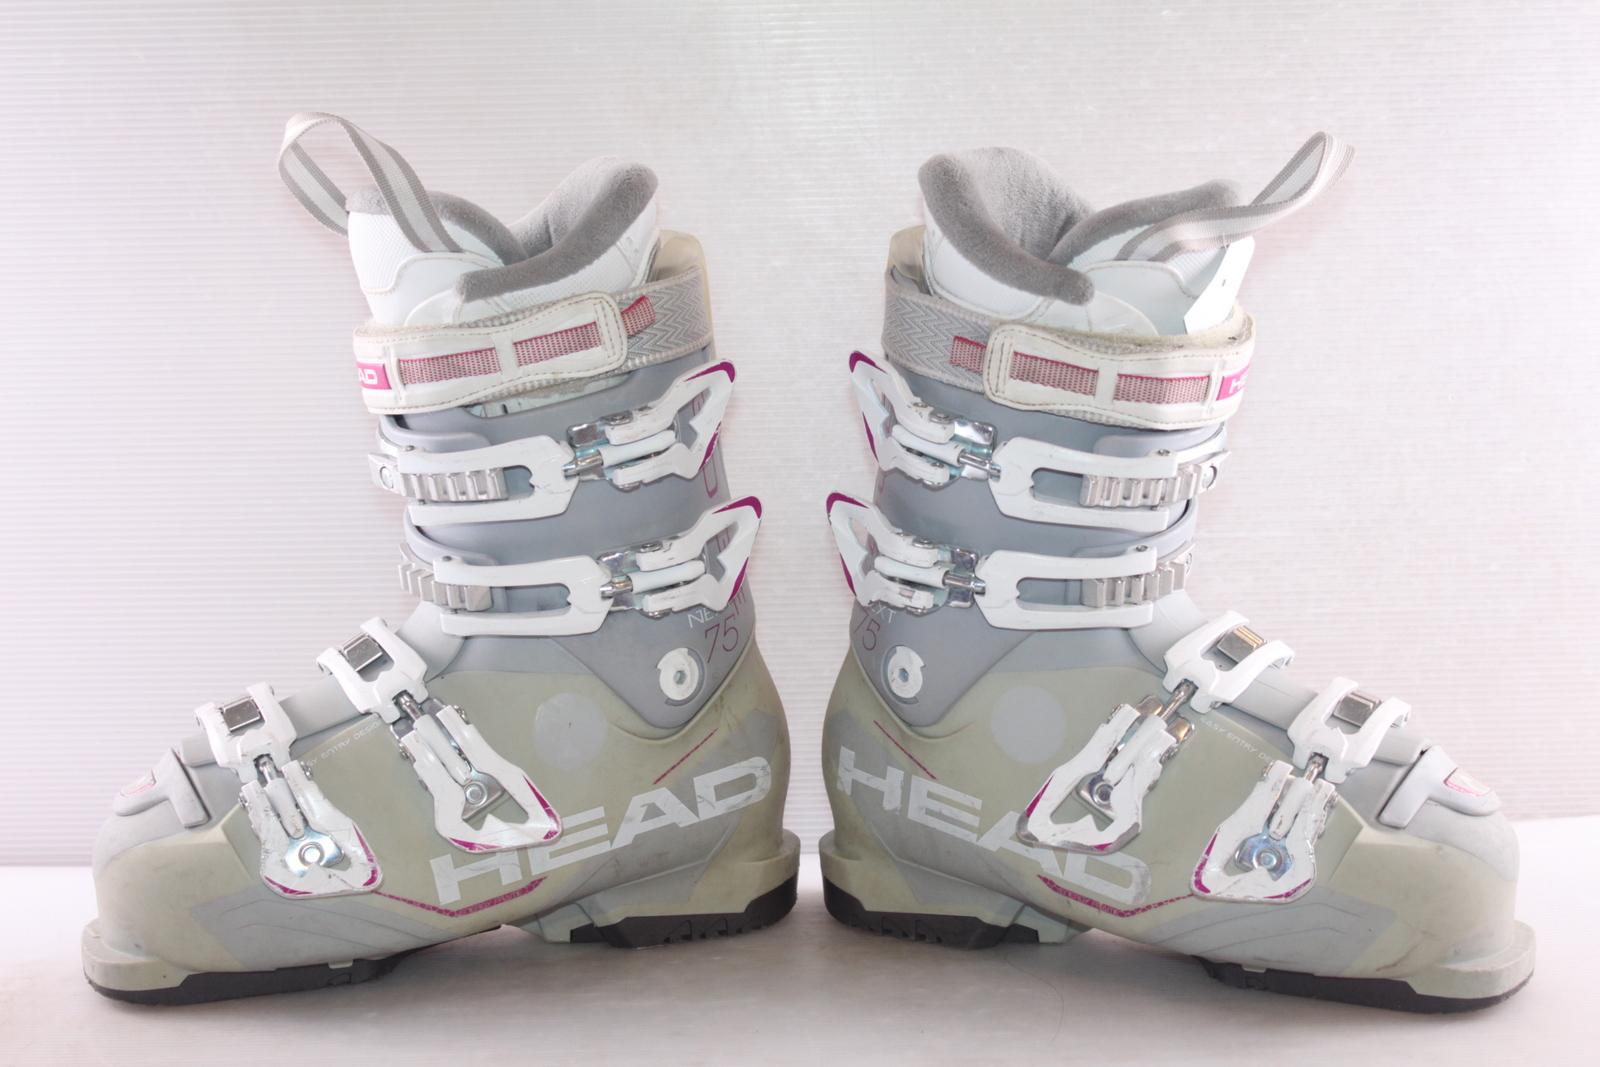 Dámské lyžáky Head NExt Edge 75 vel. EU38.5 flexe 75